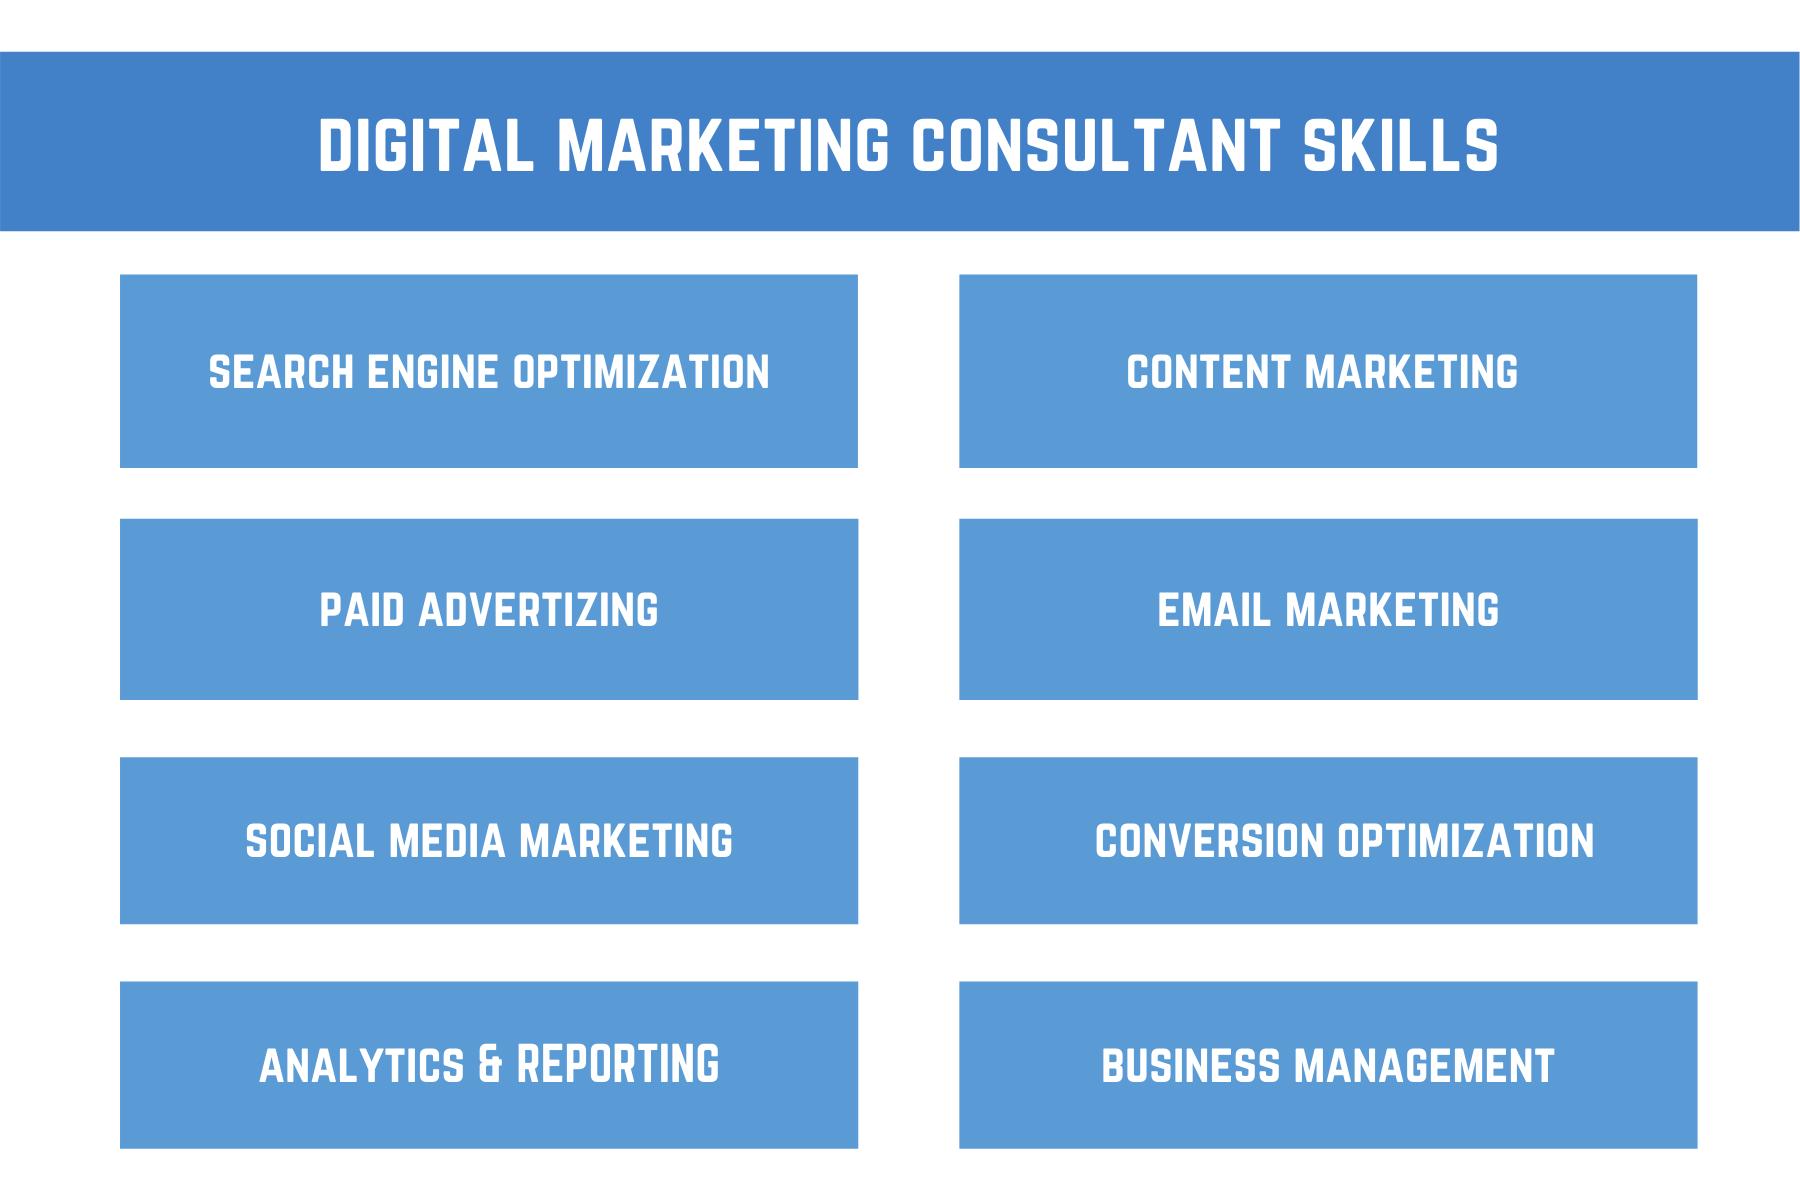 Digital Marketing Consultant Skills